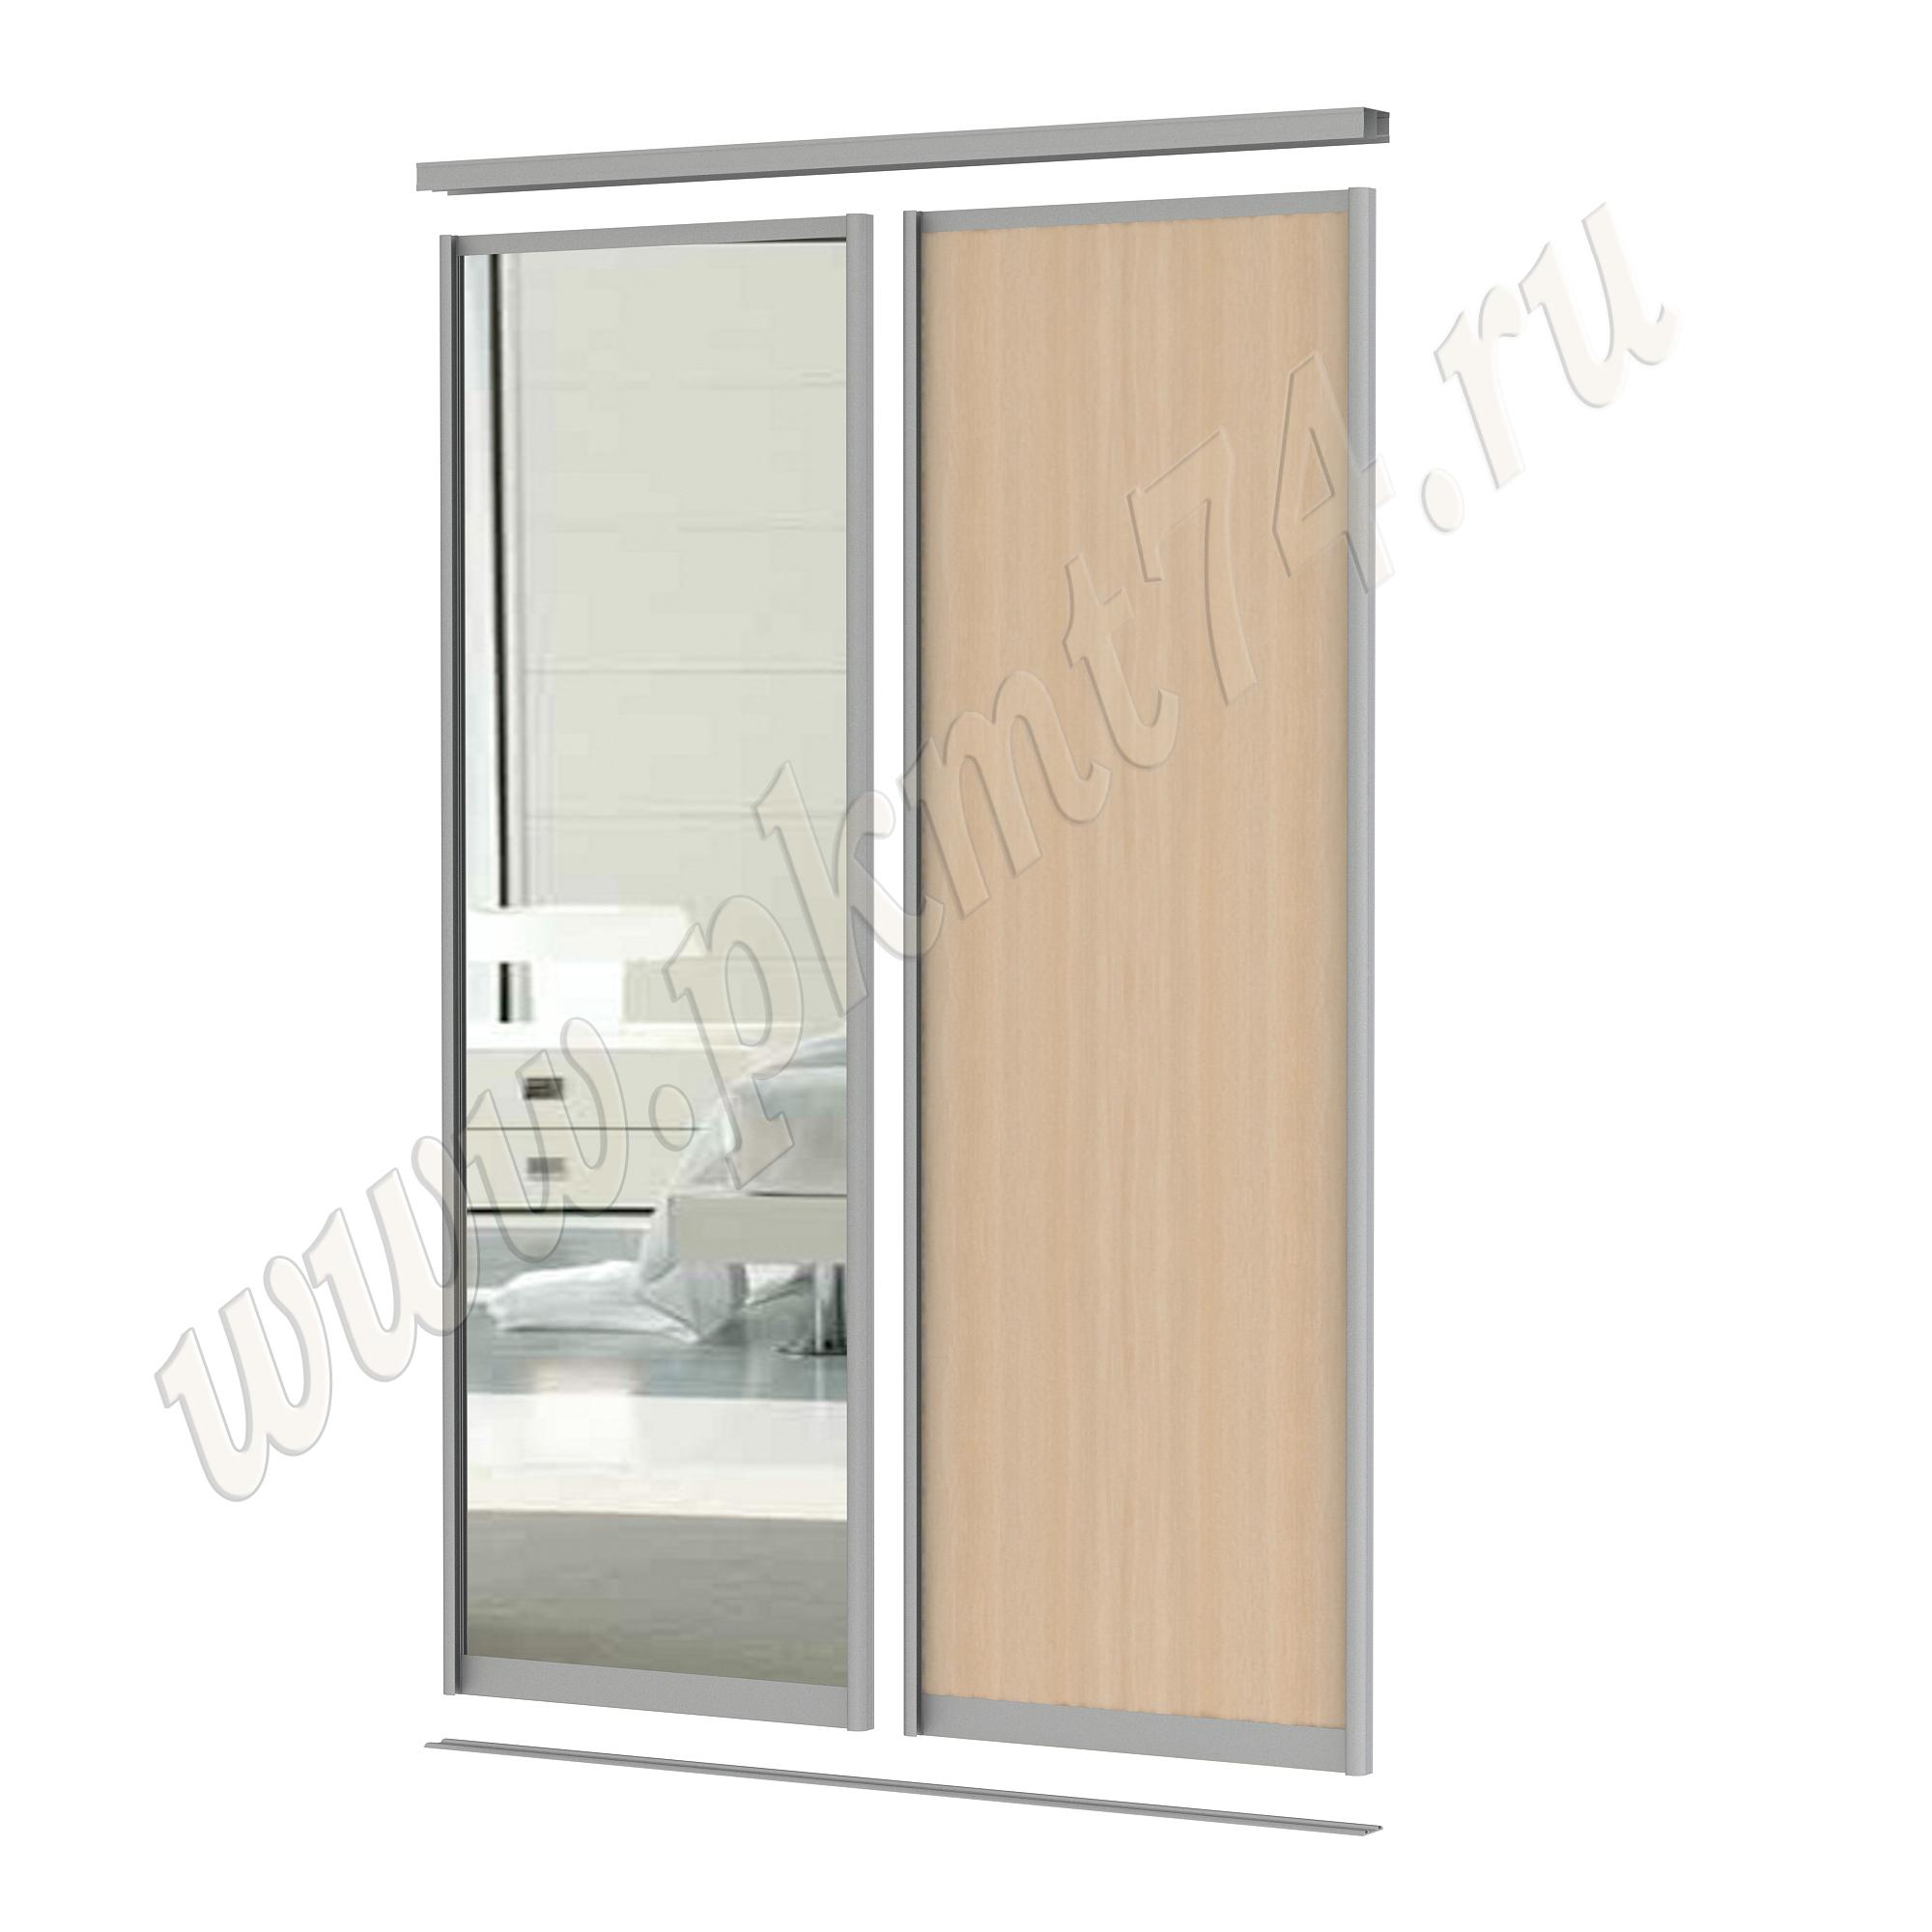 Комбинированные двери для шкафа купе [Размер:: 1700х2500; Цвет ЛДСП:: Клён]